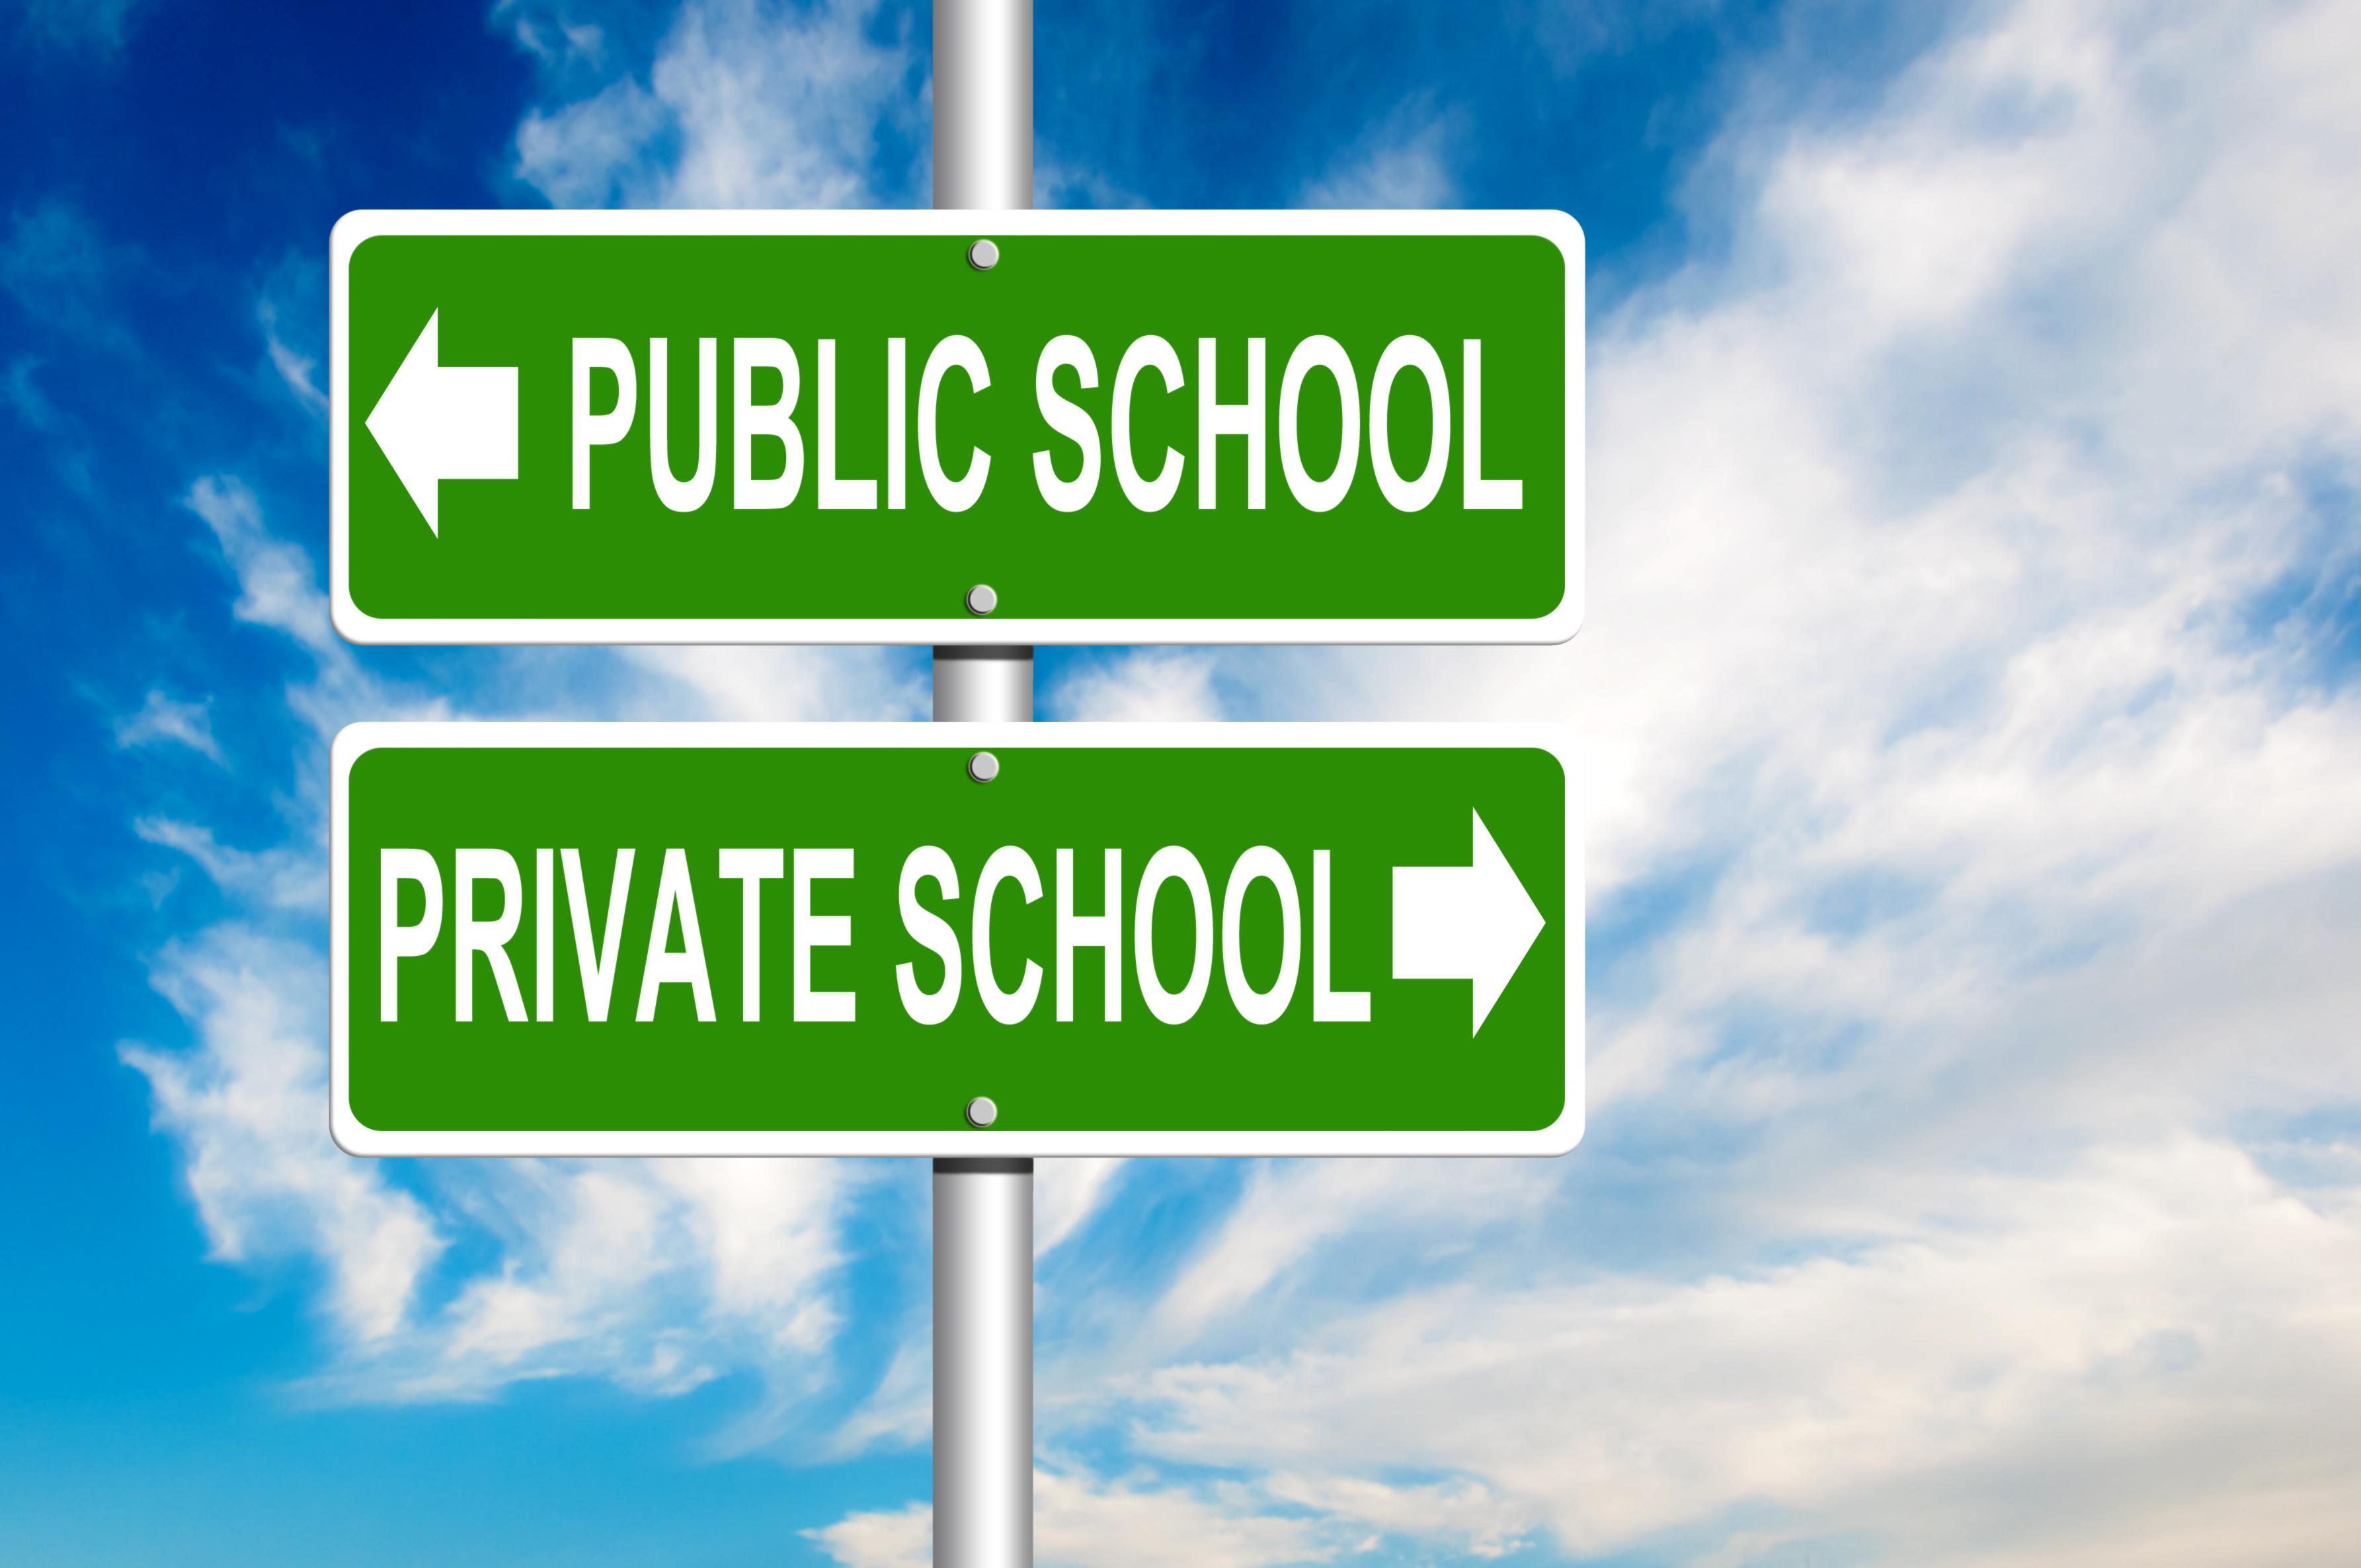 加拿大 学校 公立 私立 对比